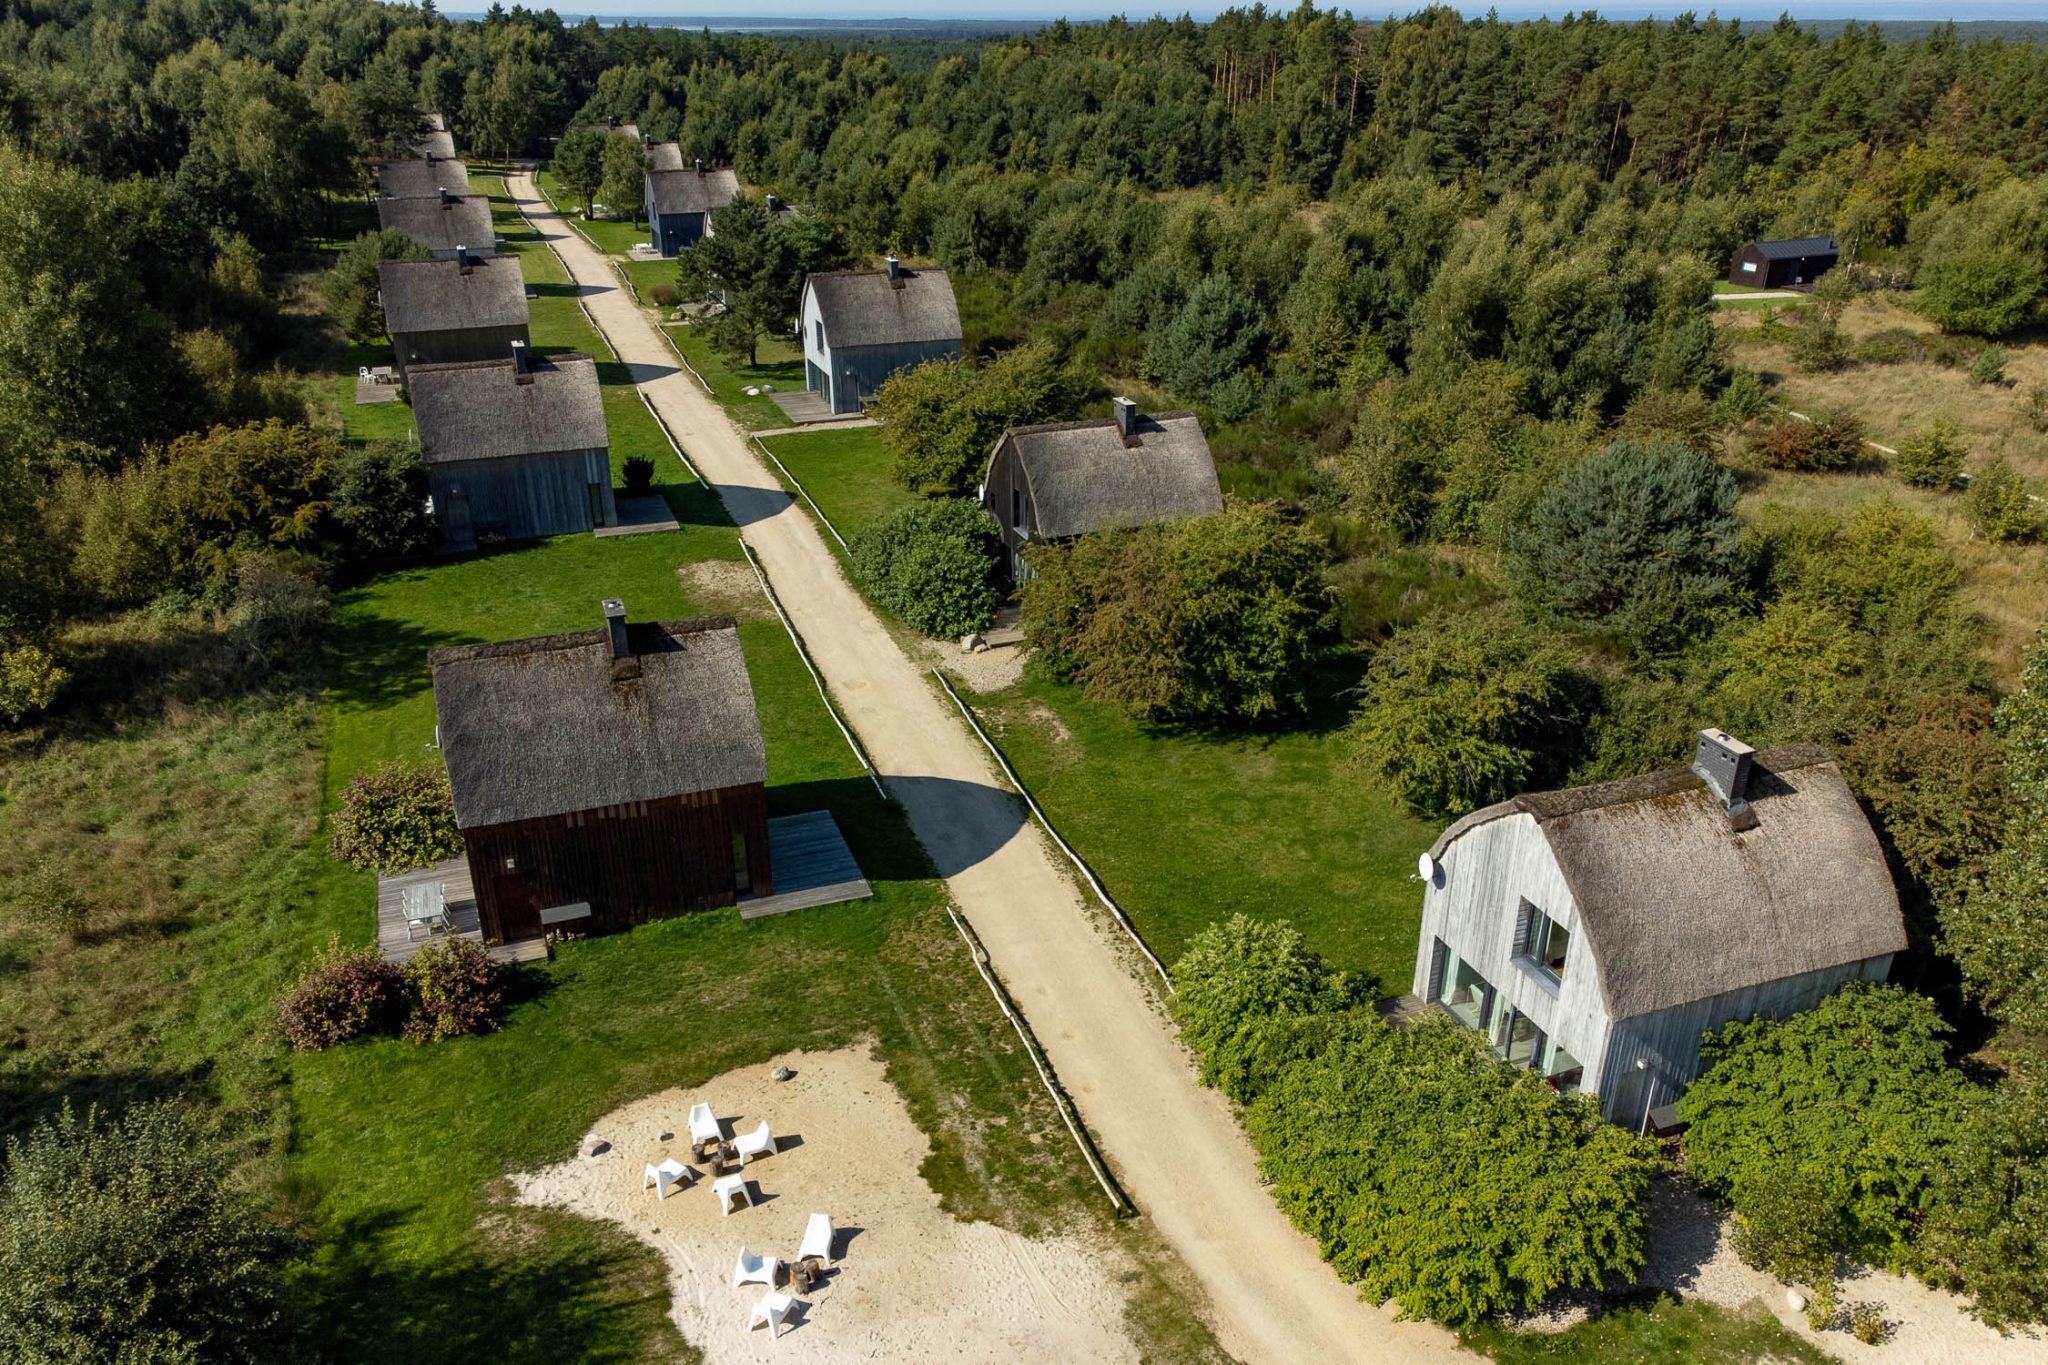 Cisowy Zakatek 7 - Cisowy Zakątek - niezwykłe domy nad morzem w Sasinie